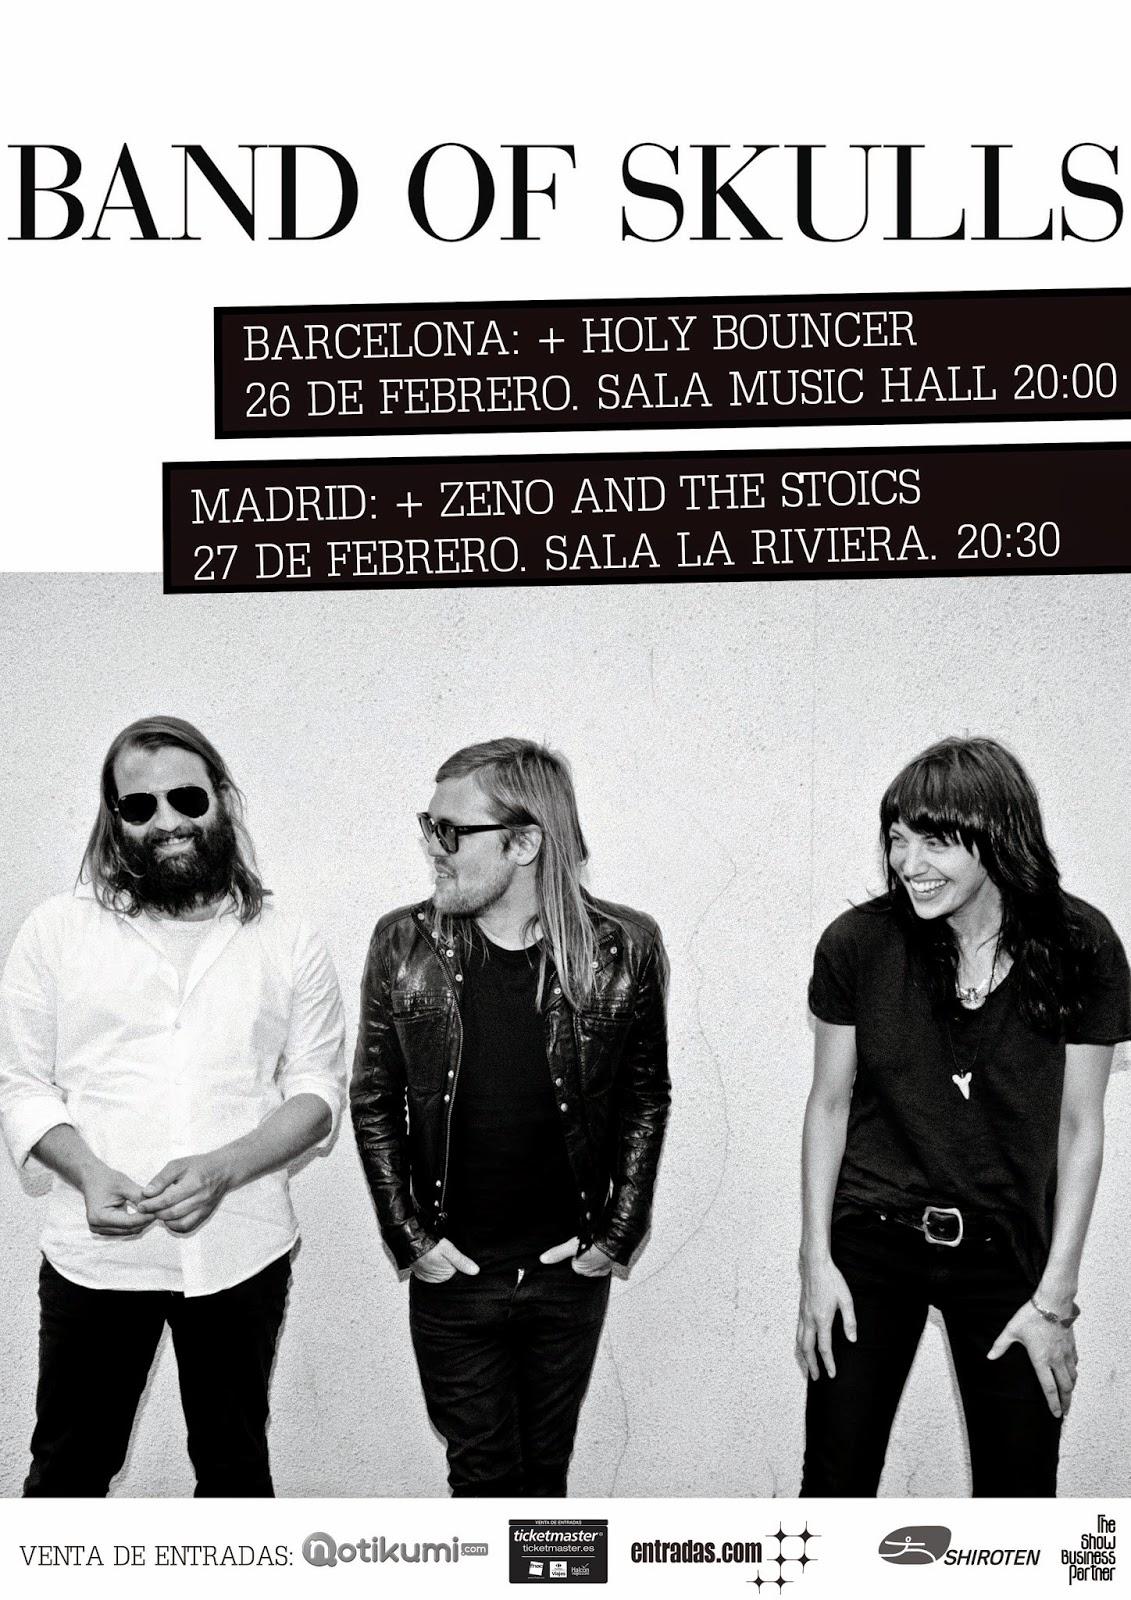 BAND OF SKULLS en concierto en BARCELONA y MADRID 26 y 27 de Febrero